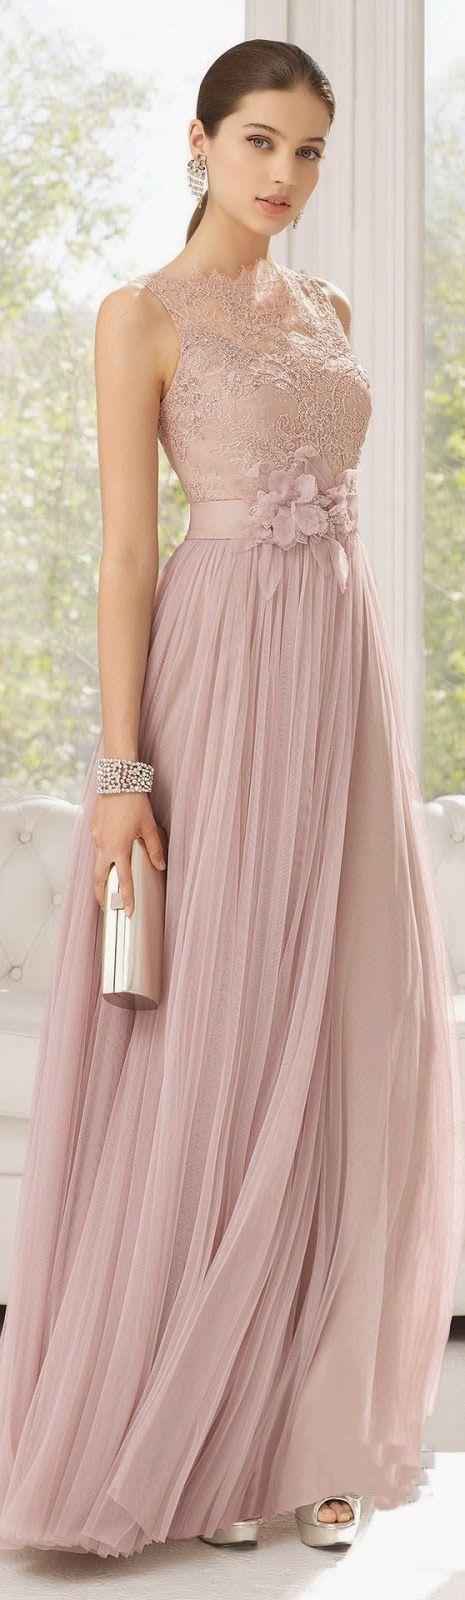 best service f5fd2 a87b7 Vestido de madrinha rosa para casamentos | Dresses | Schöne ...